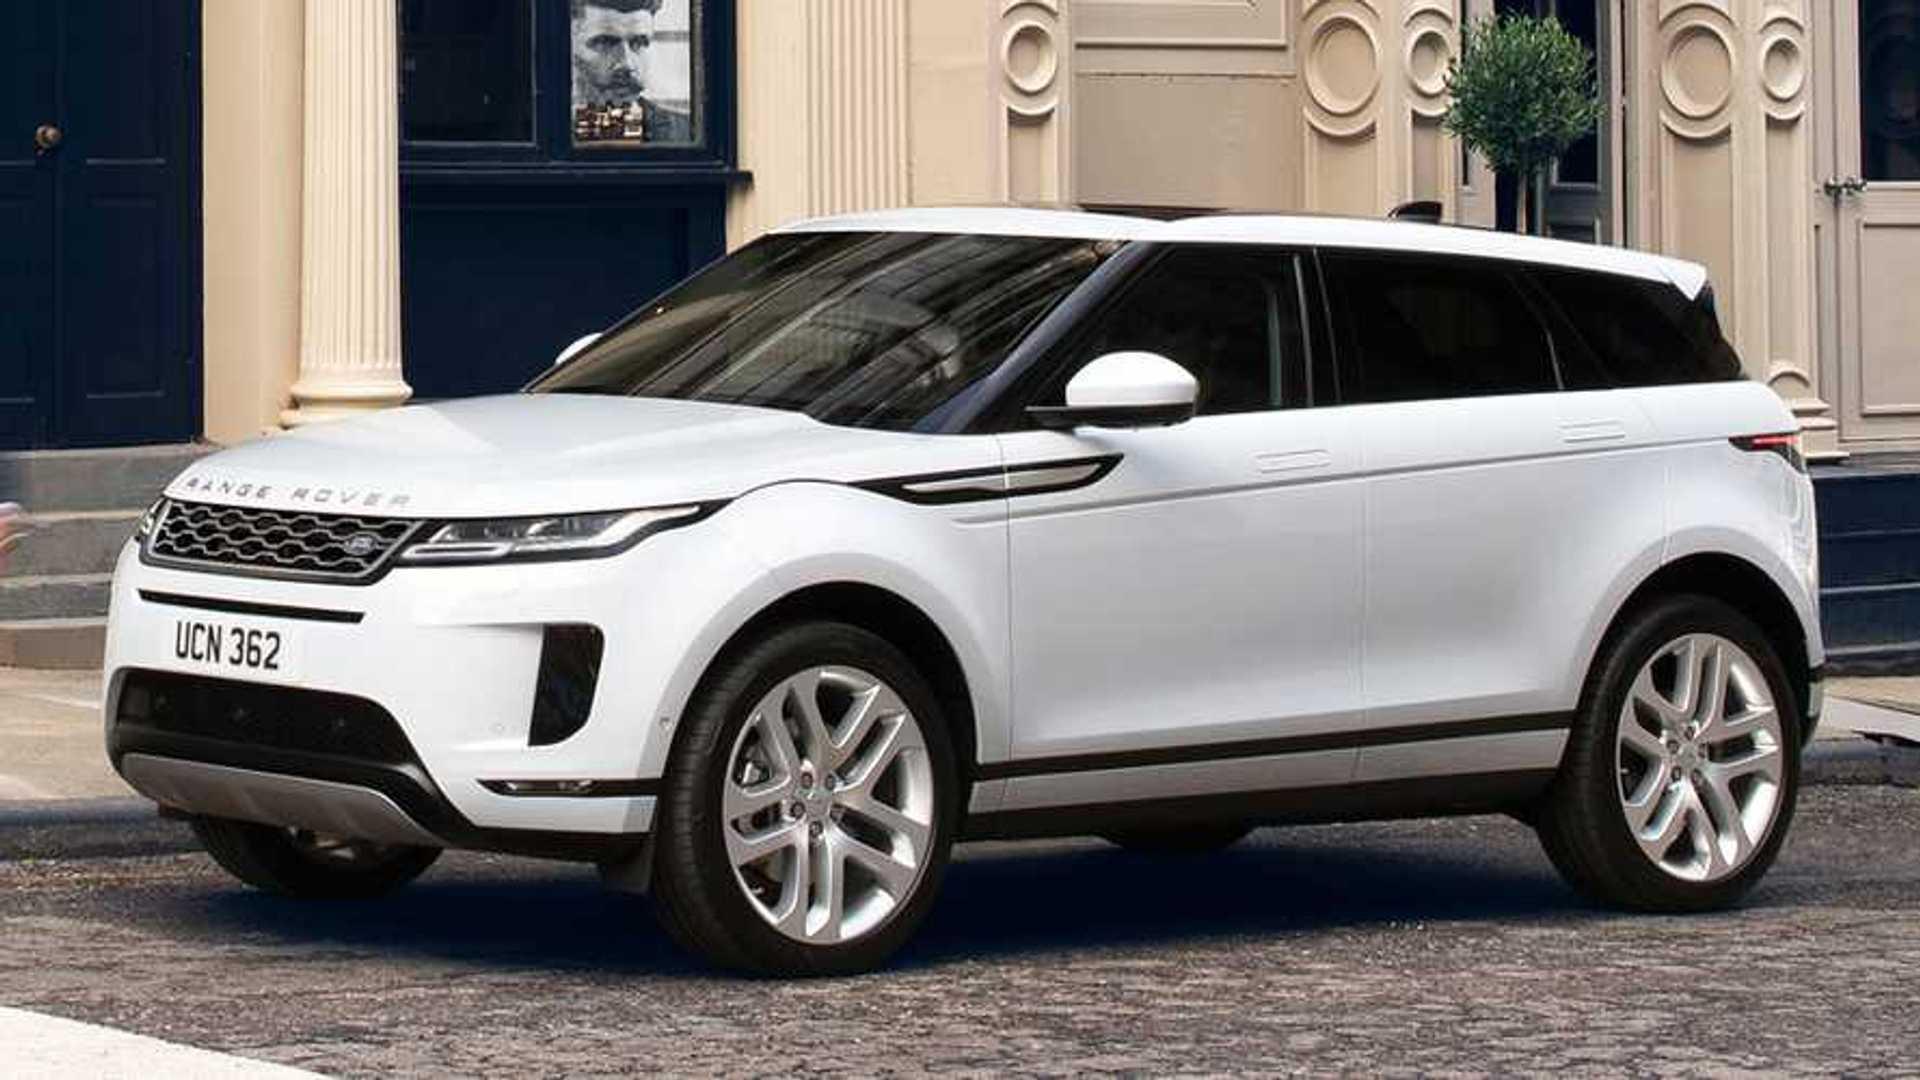 Range Rover Evoque inicia pré-venda de versão flex por R$ 281.600